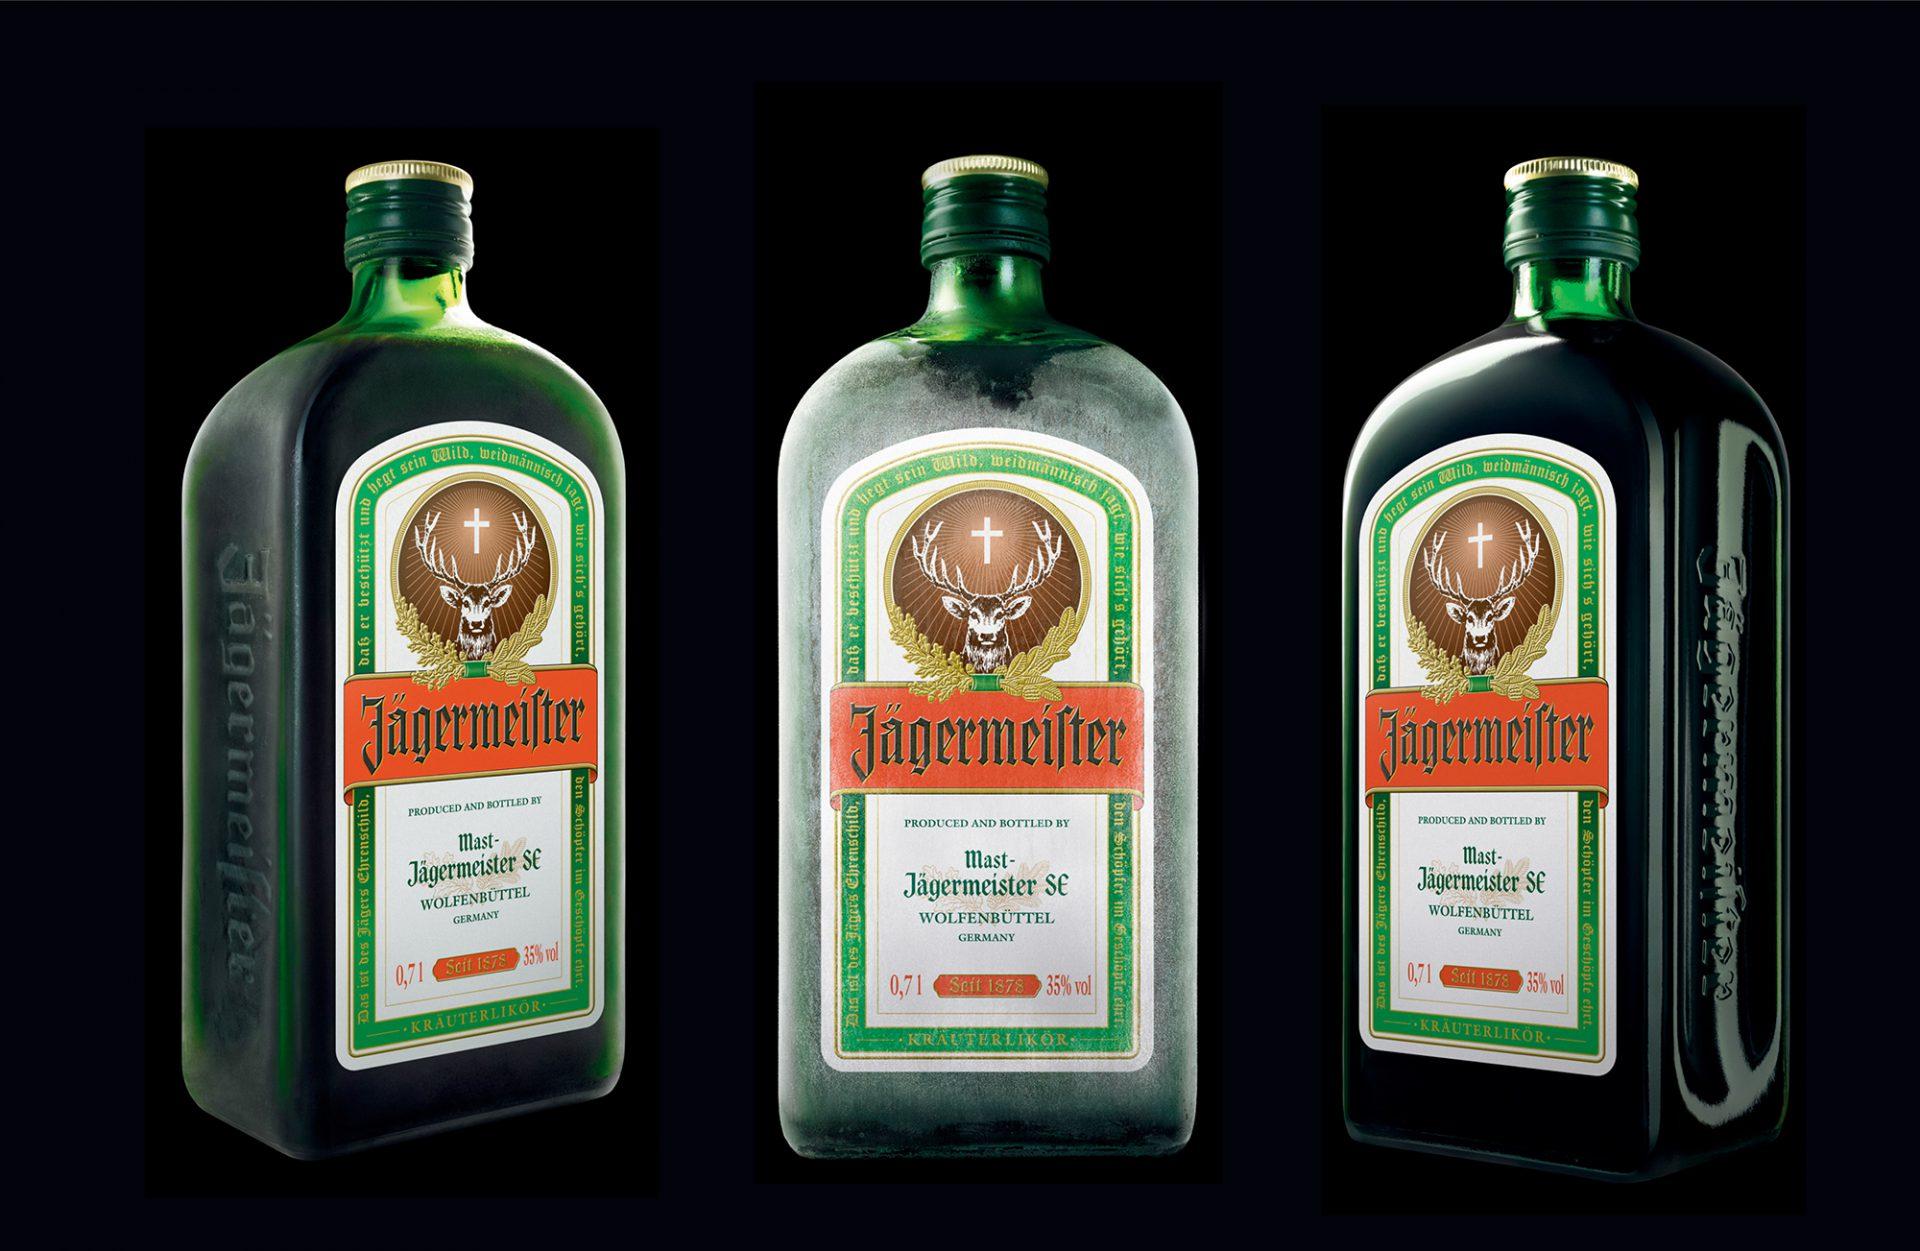 Drei Ansichten einer Jägermeister Flasche im neuen Brand Design von Realgestalt